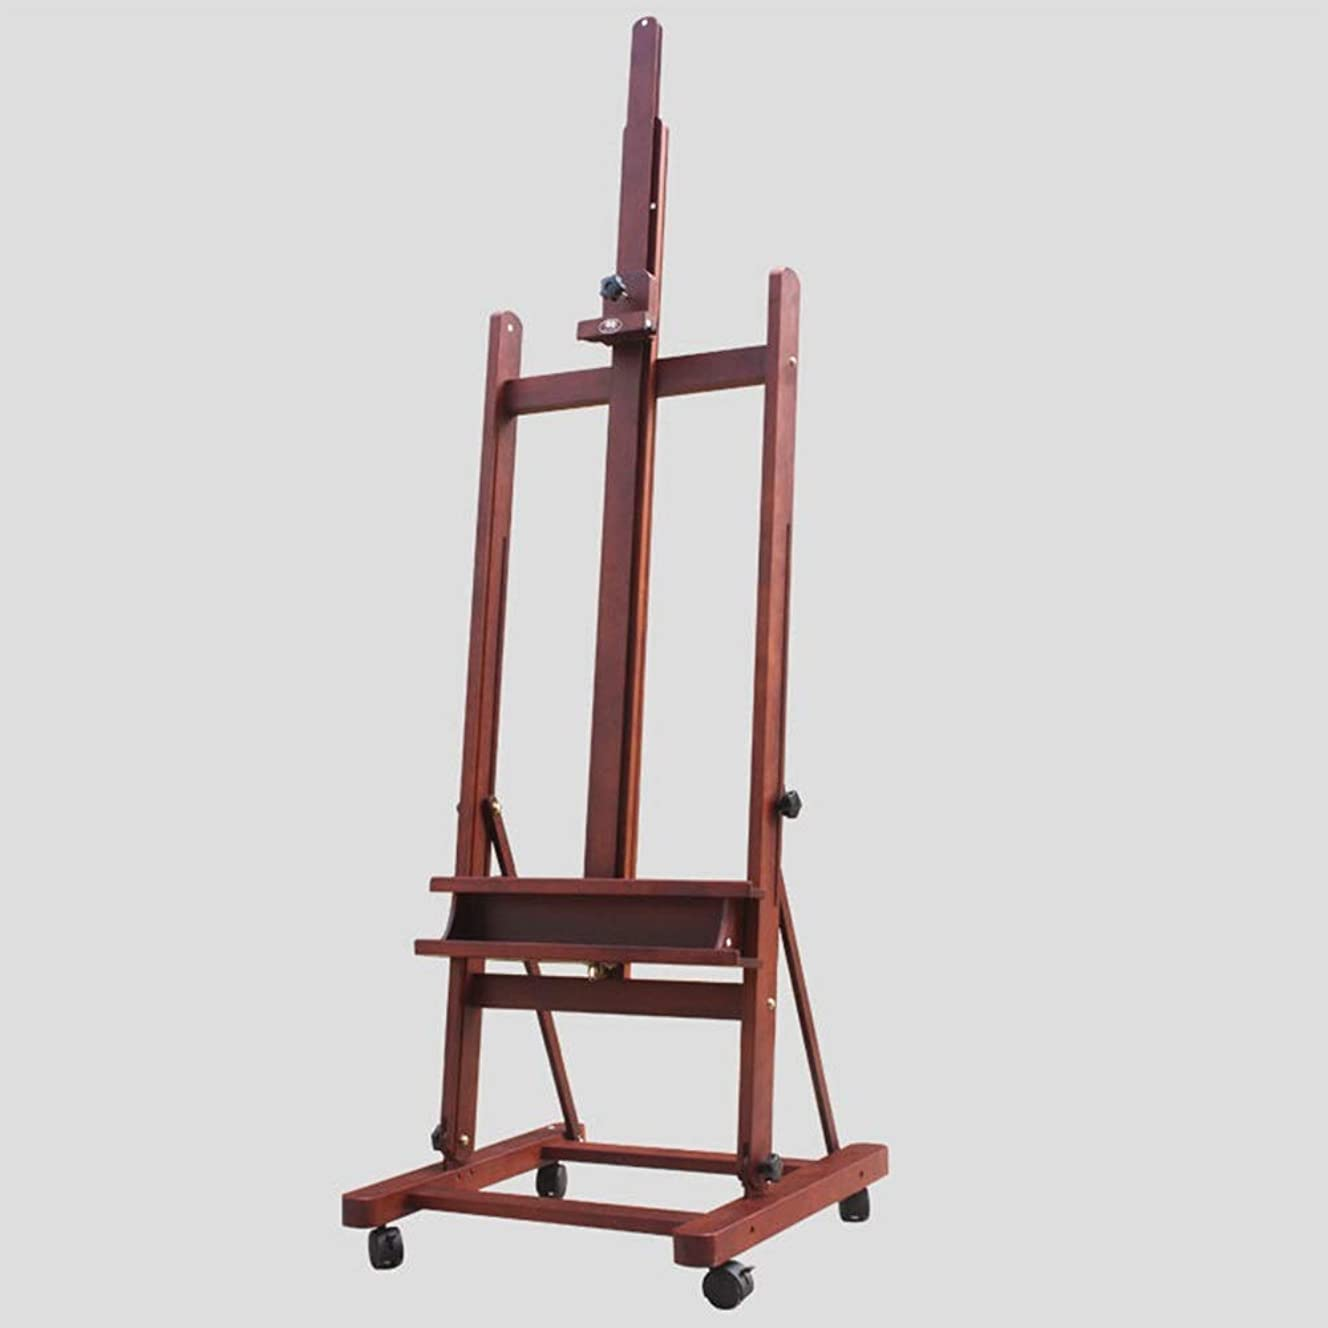 冷酷なレンチ展開する安定したイーゼル 調節可能なホイールの高さとイーゼルソリッドウッドセットの2.3メートルの木製イーゼル絵画ウォルナットイーゼルリフティング油 幅広い用途 (色 : 褐色, Size : One size)